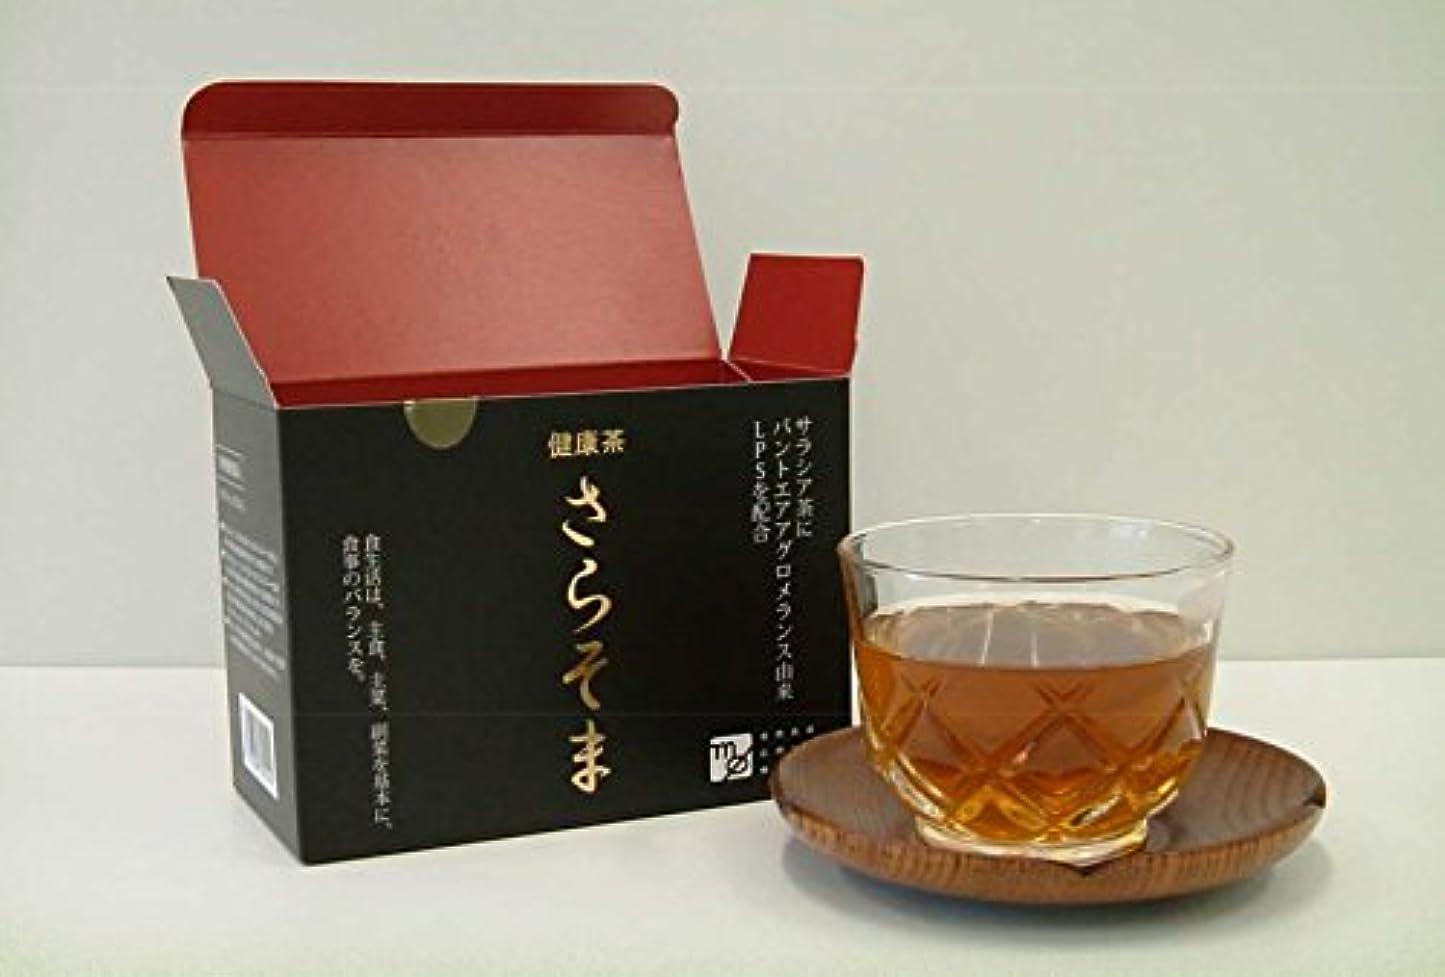 暴力的な味データベース健康茶さらそま 旧サラソマ茶